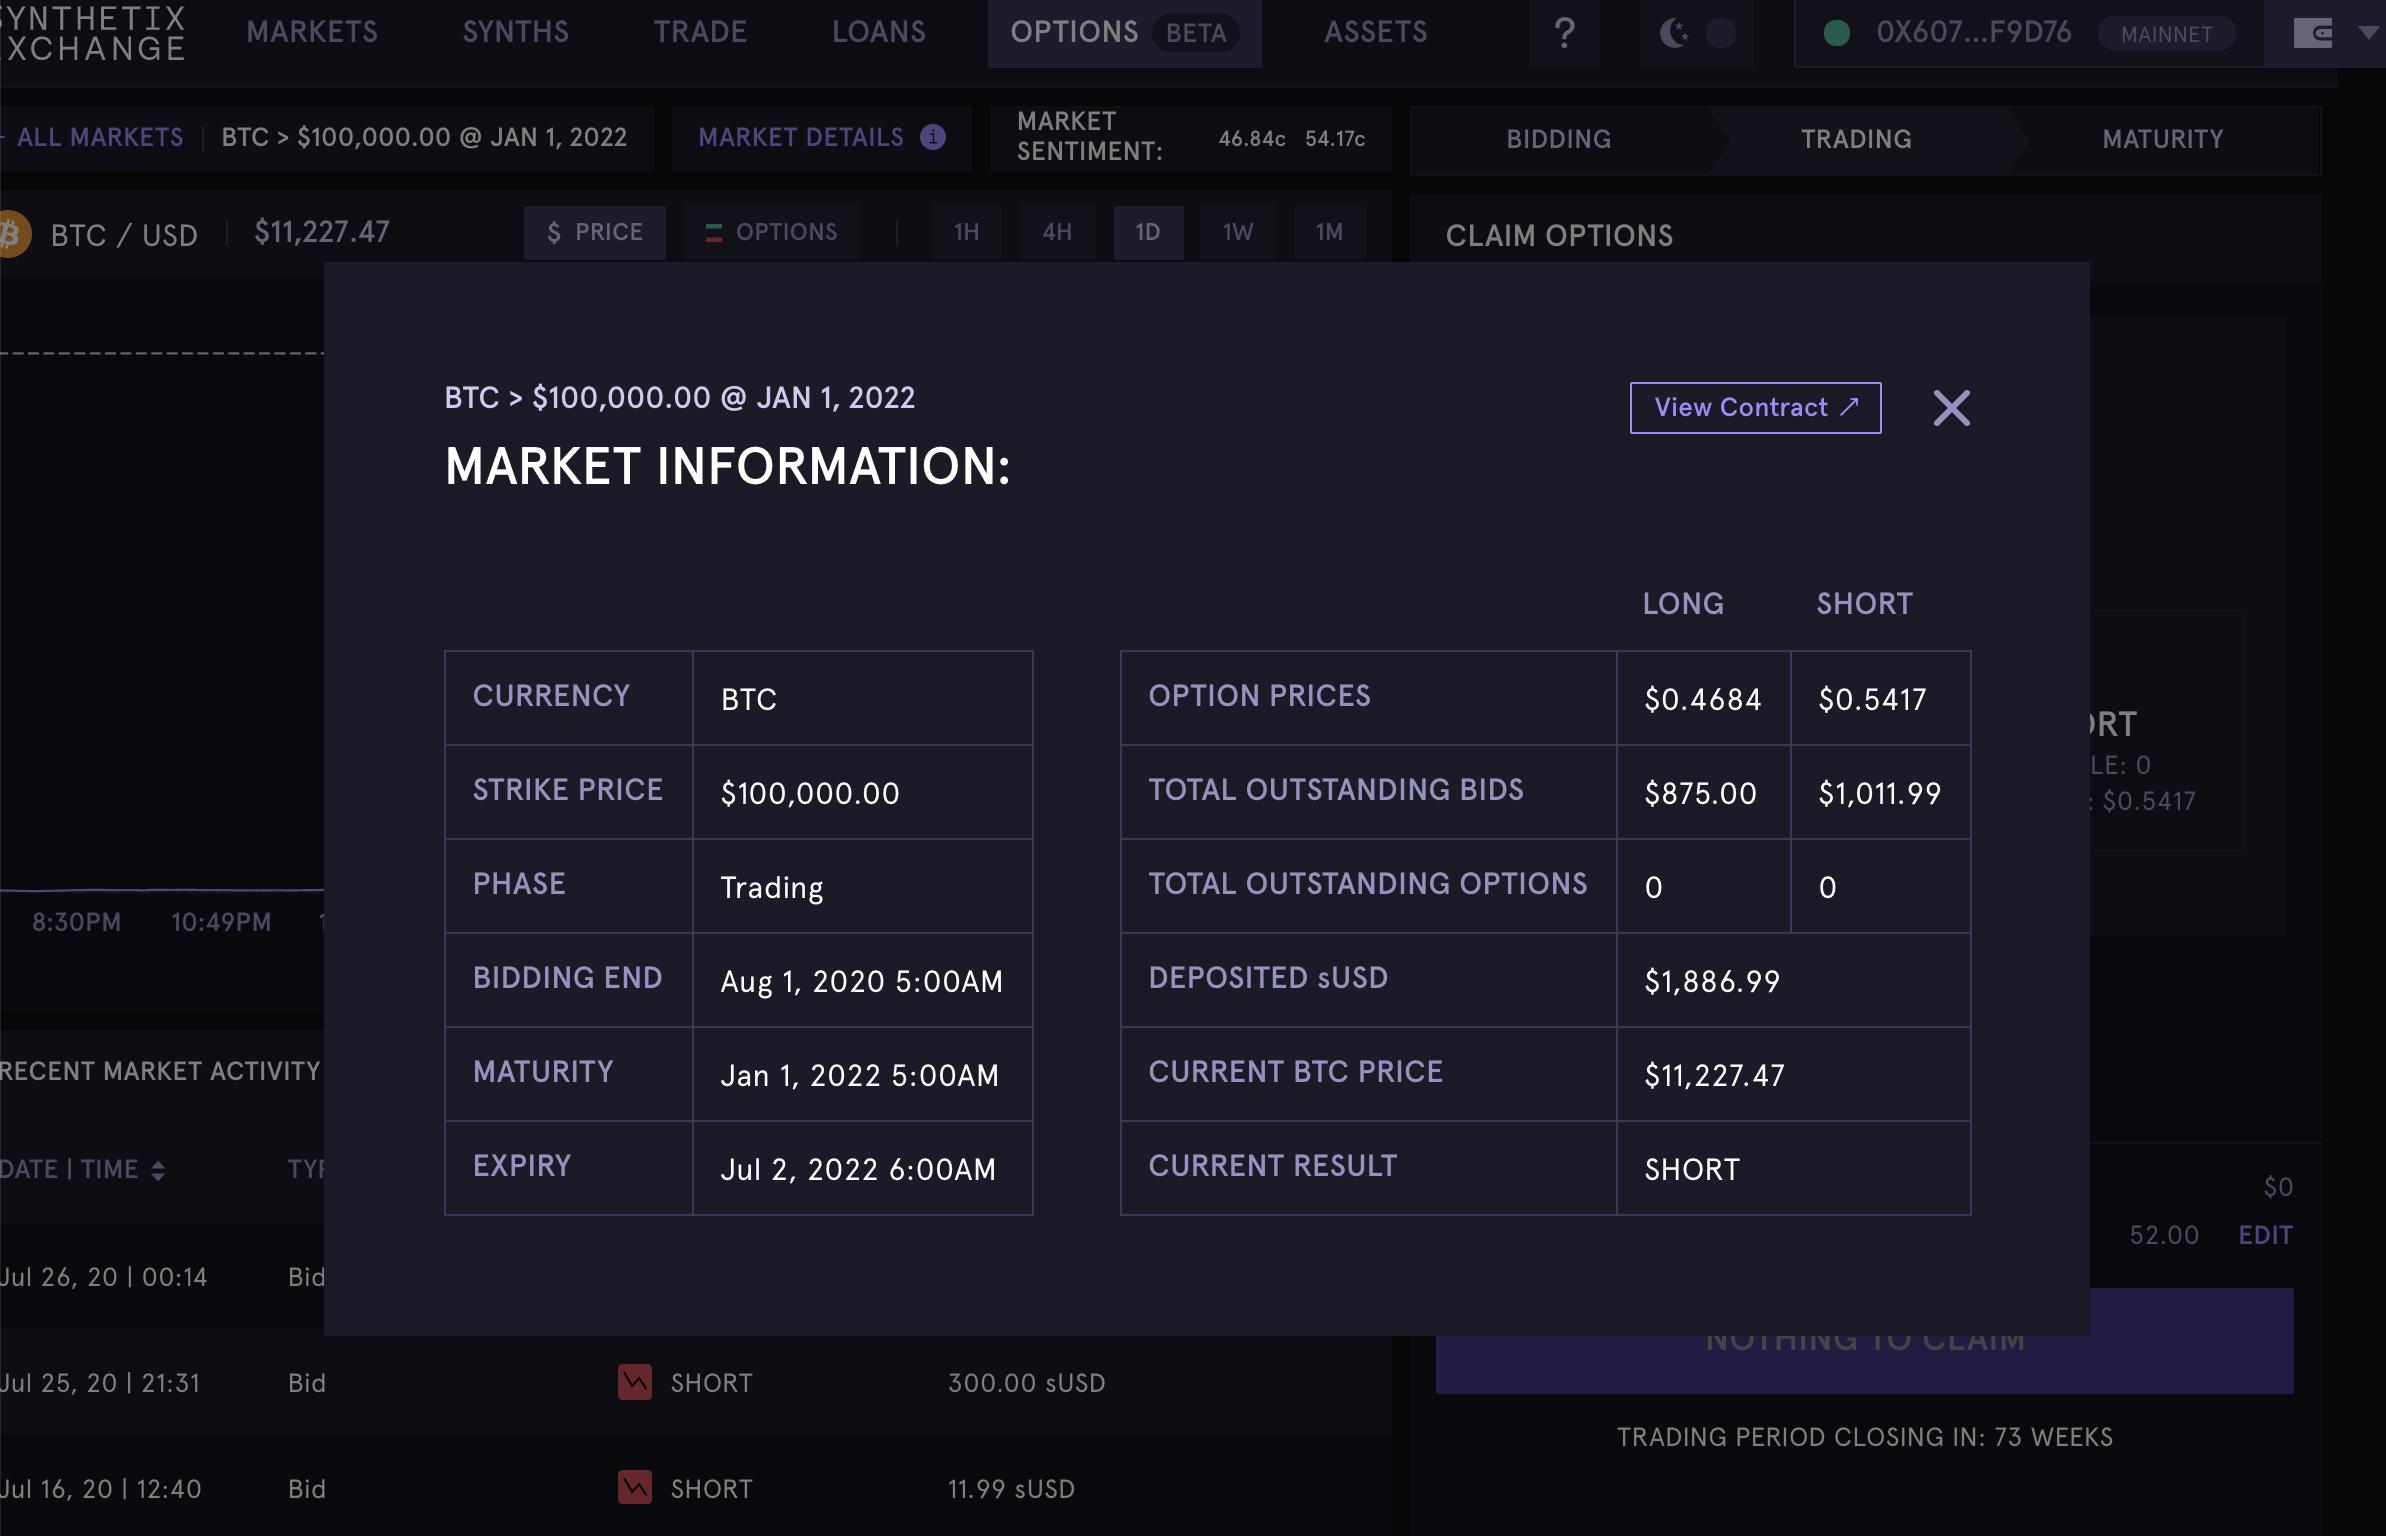 Bitcoin option on Synthetix, August 2020